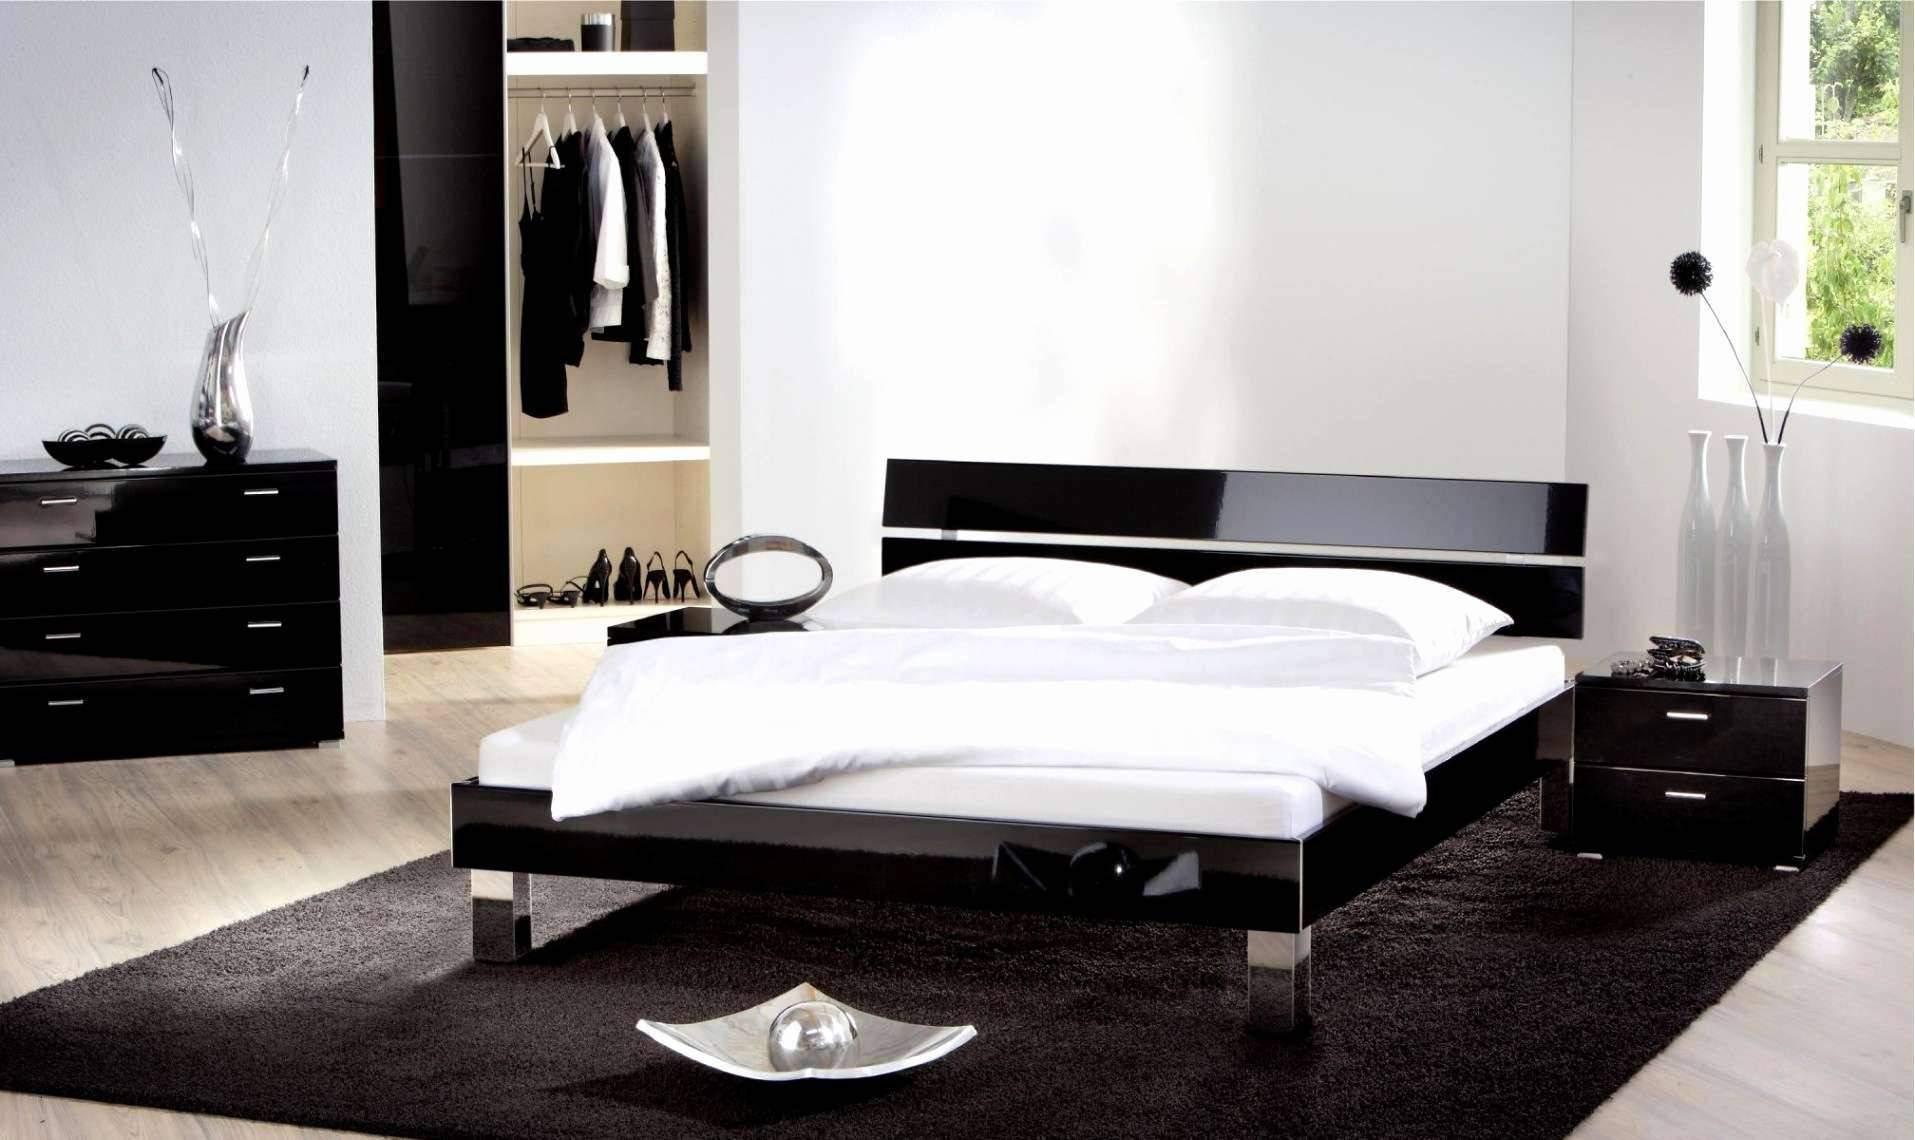 deko ideen wohnzimmer frisch tischdeko wohnzimmer frisch das beste von deko ideen diy of deko ideen wohnzimmer